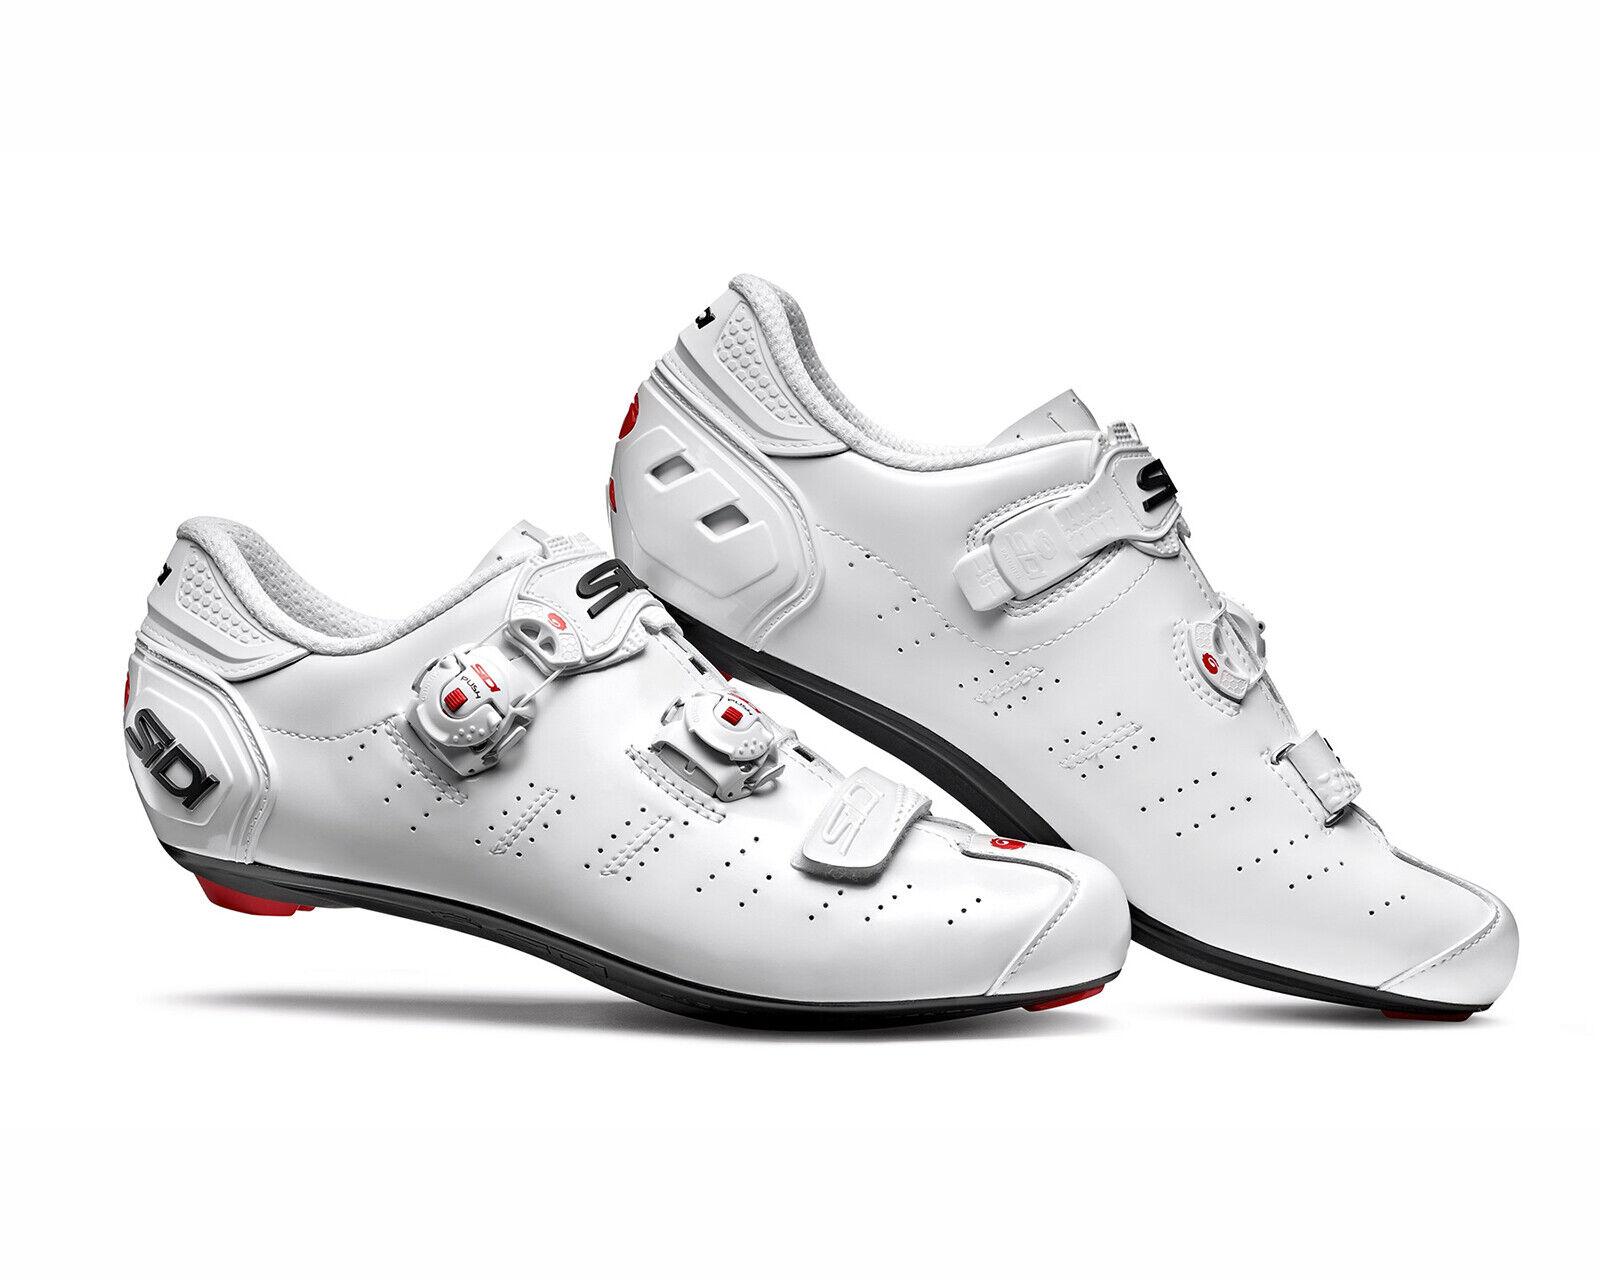 SIDI Ergo 5 Radfahren schuhe 2019 - Weiß Weiß